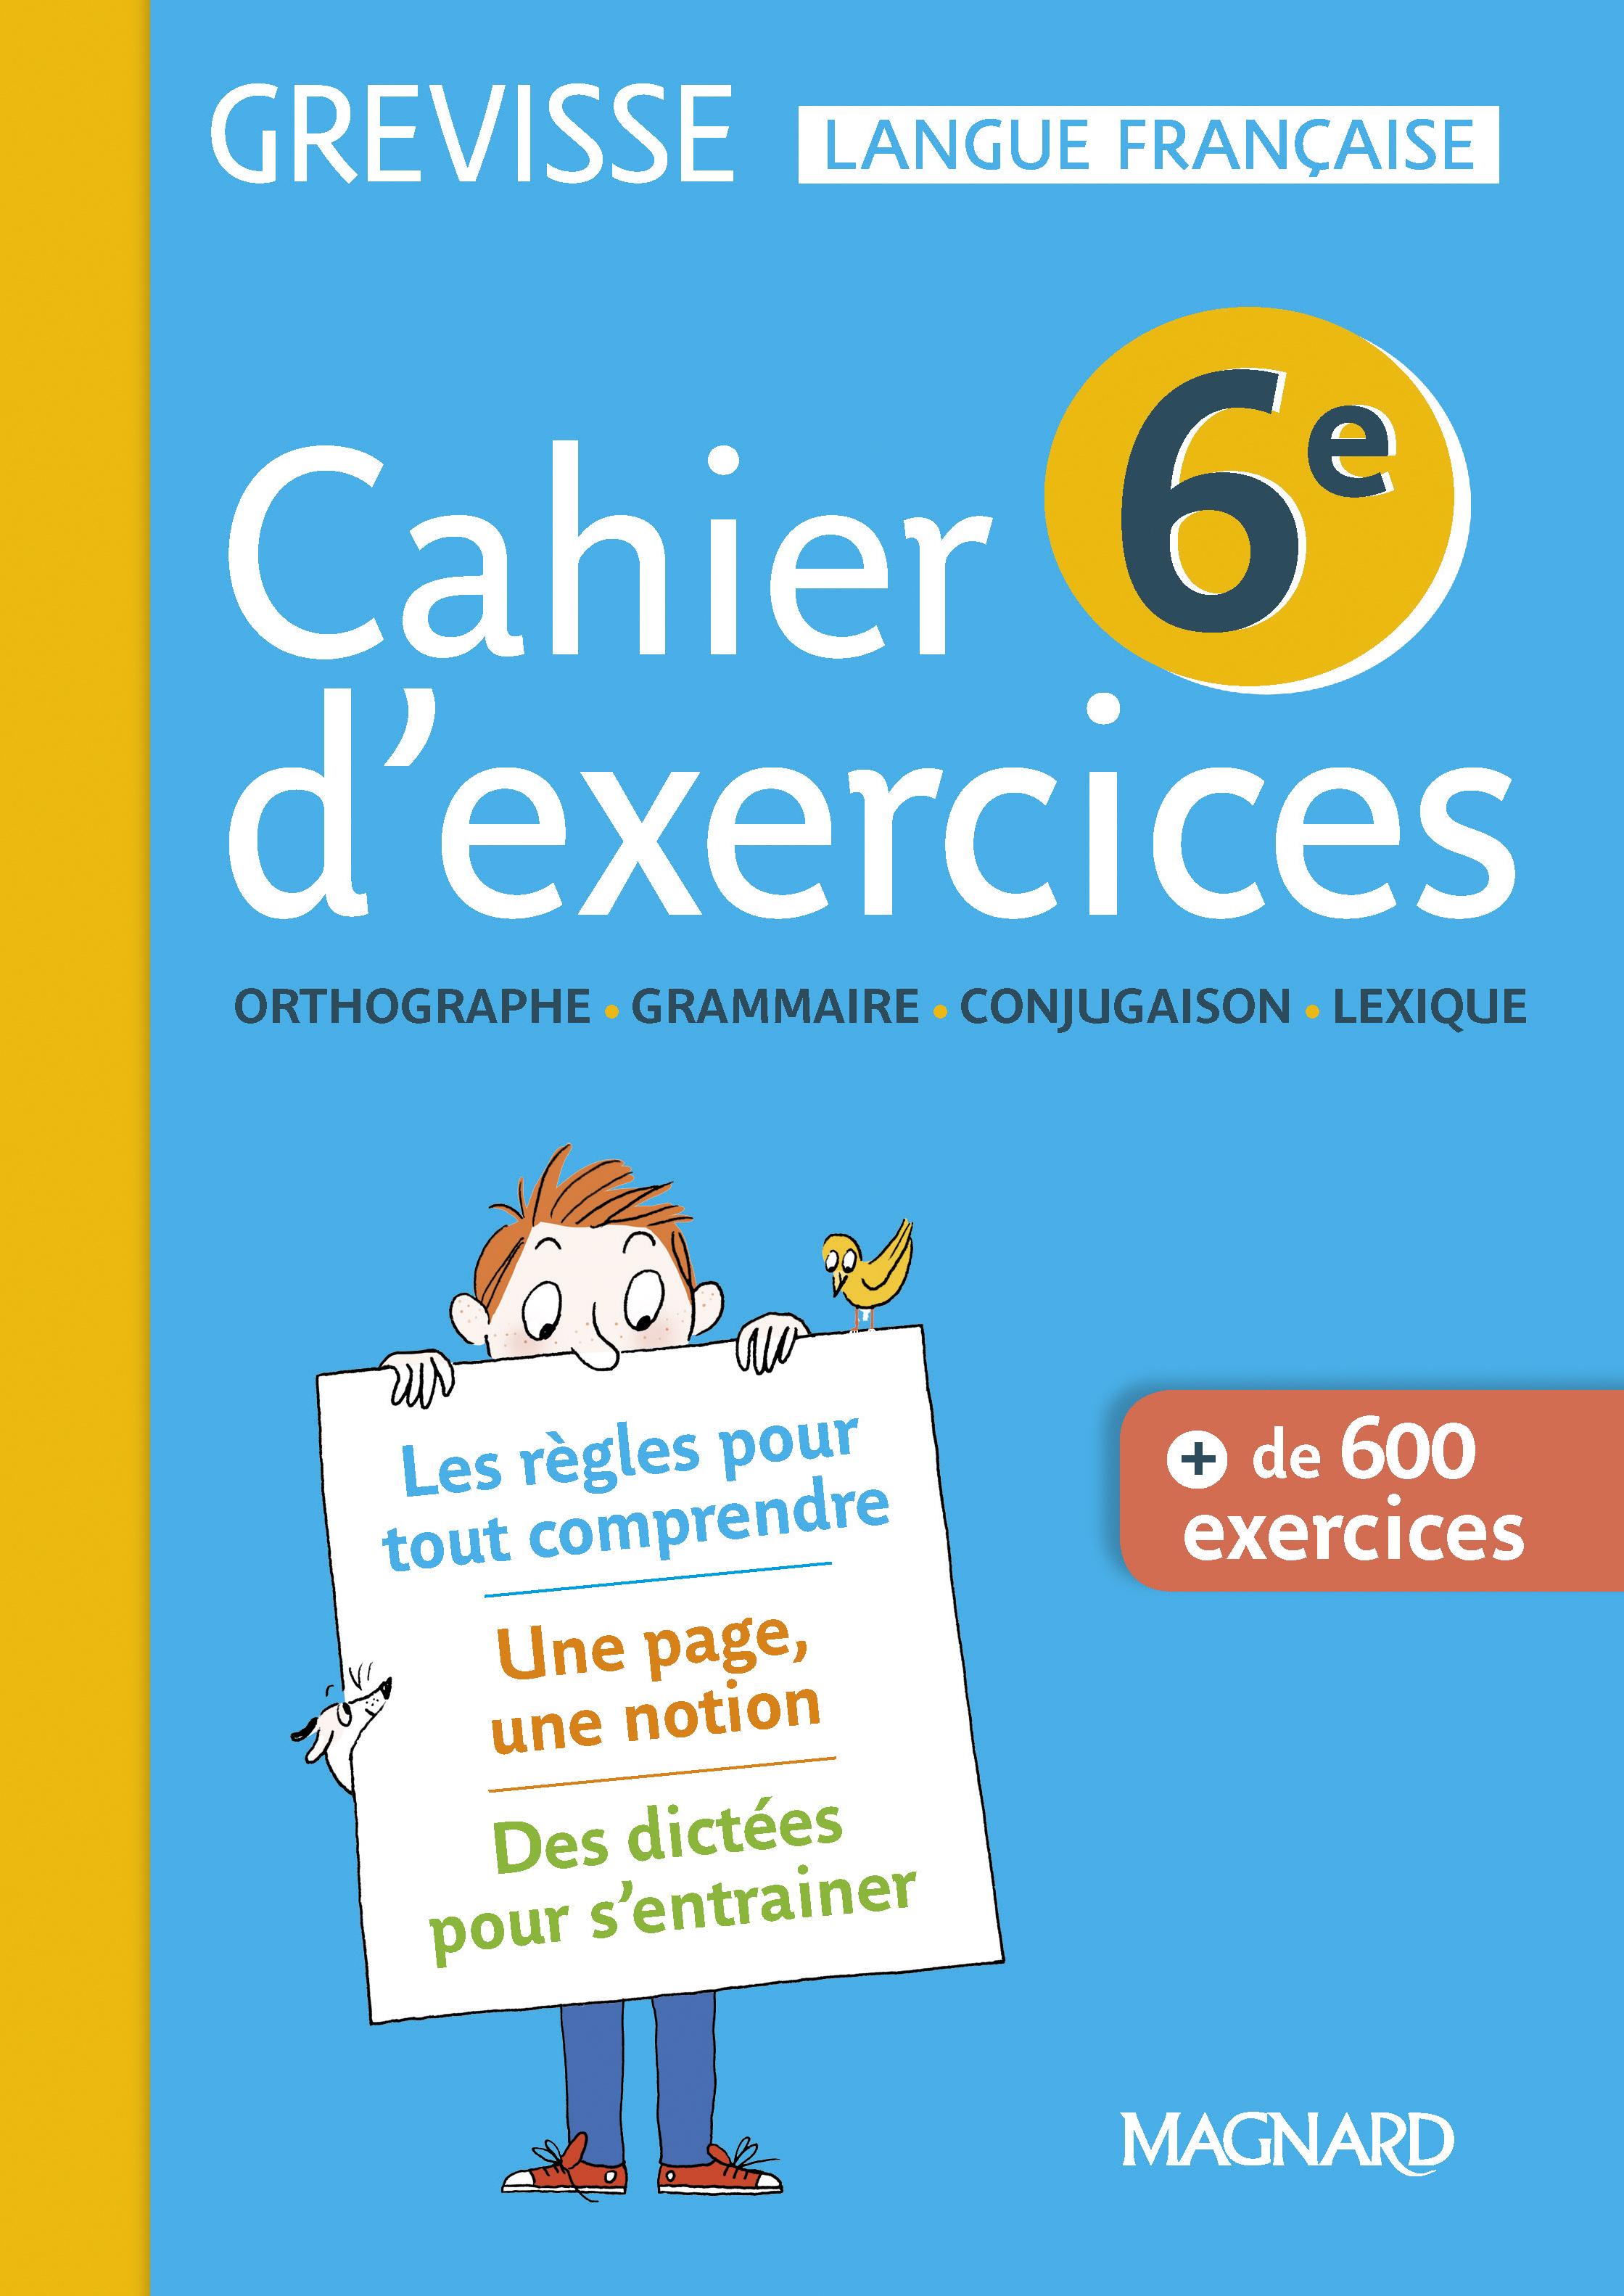 Cahier Grevisse 6E (2018) | Magnard Enseignants pour Manuel Exercices Iparcours Pdf